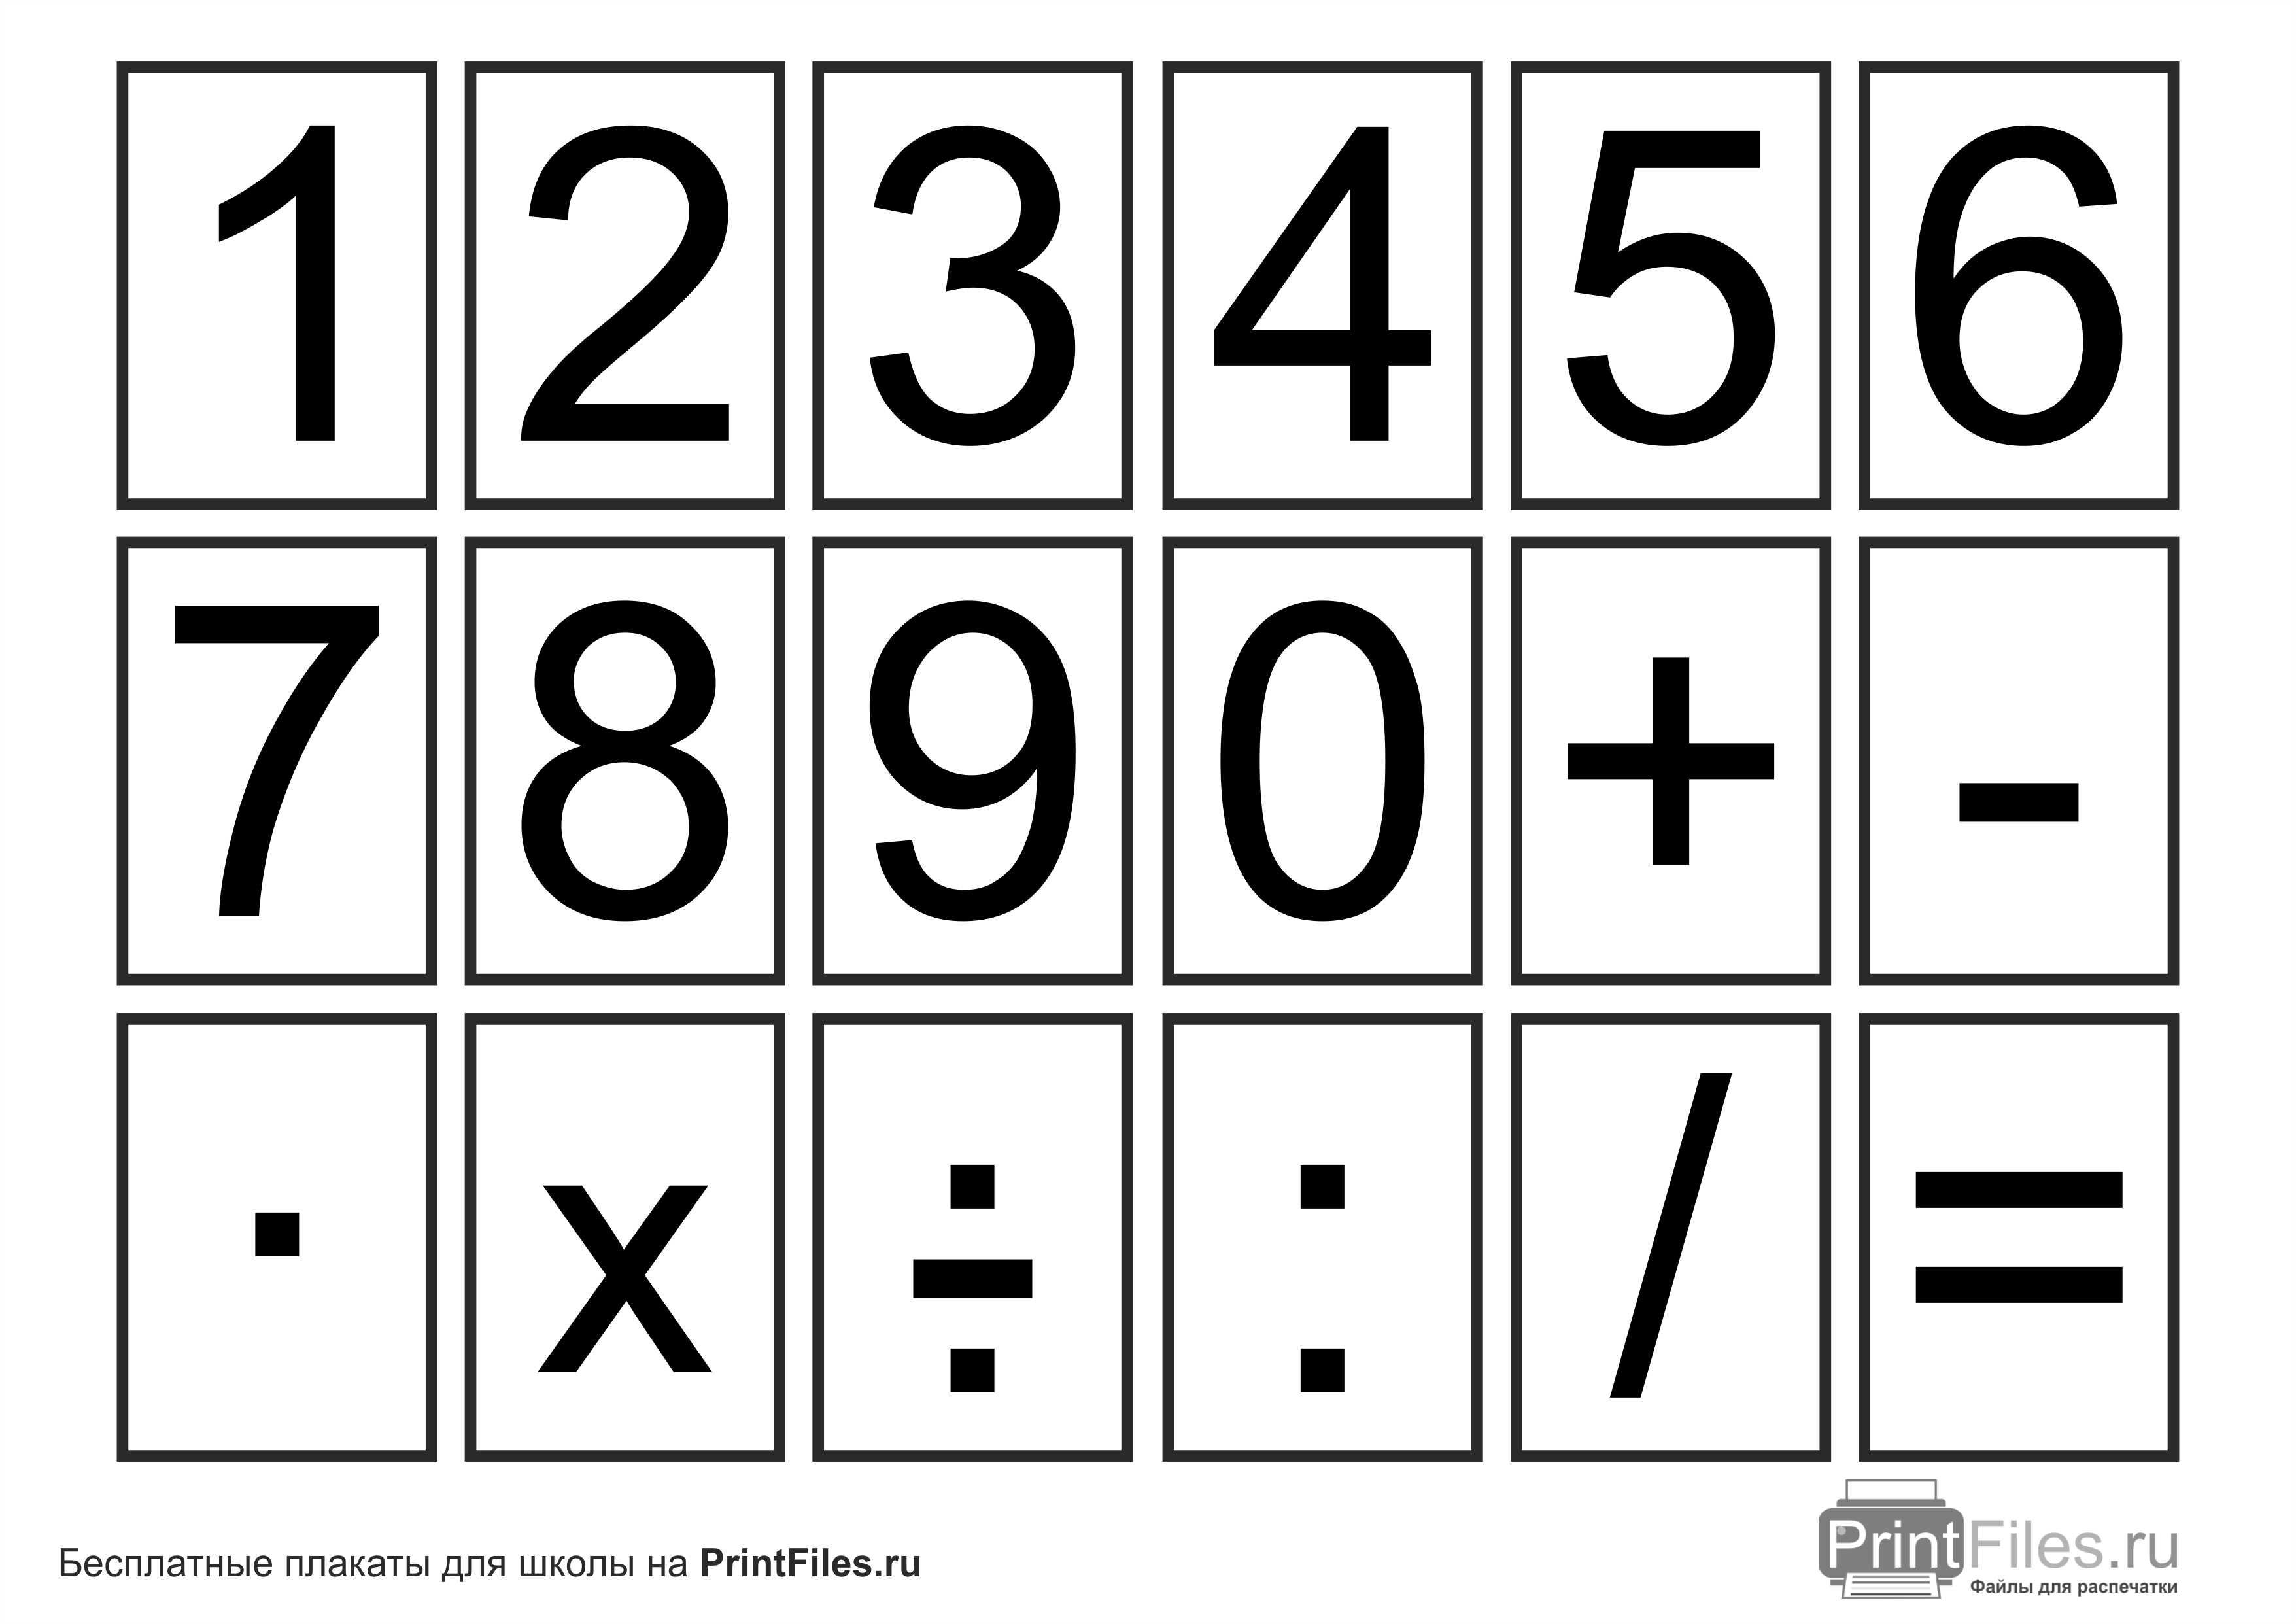 Касса цифр и счетного материала своими руками напечатать 75